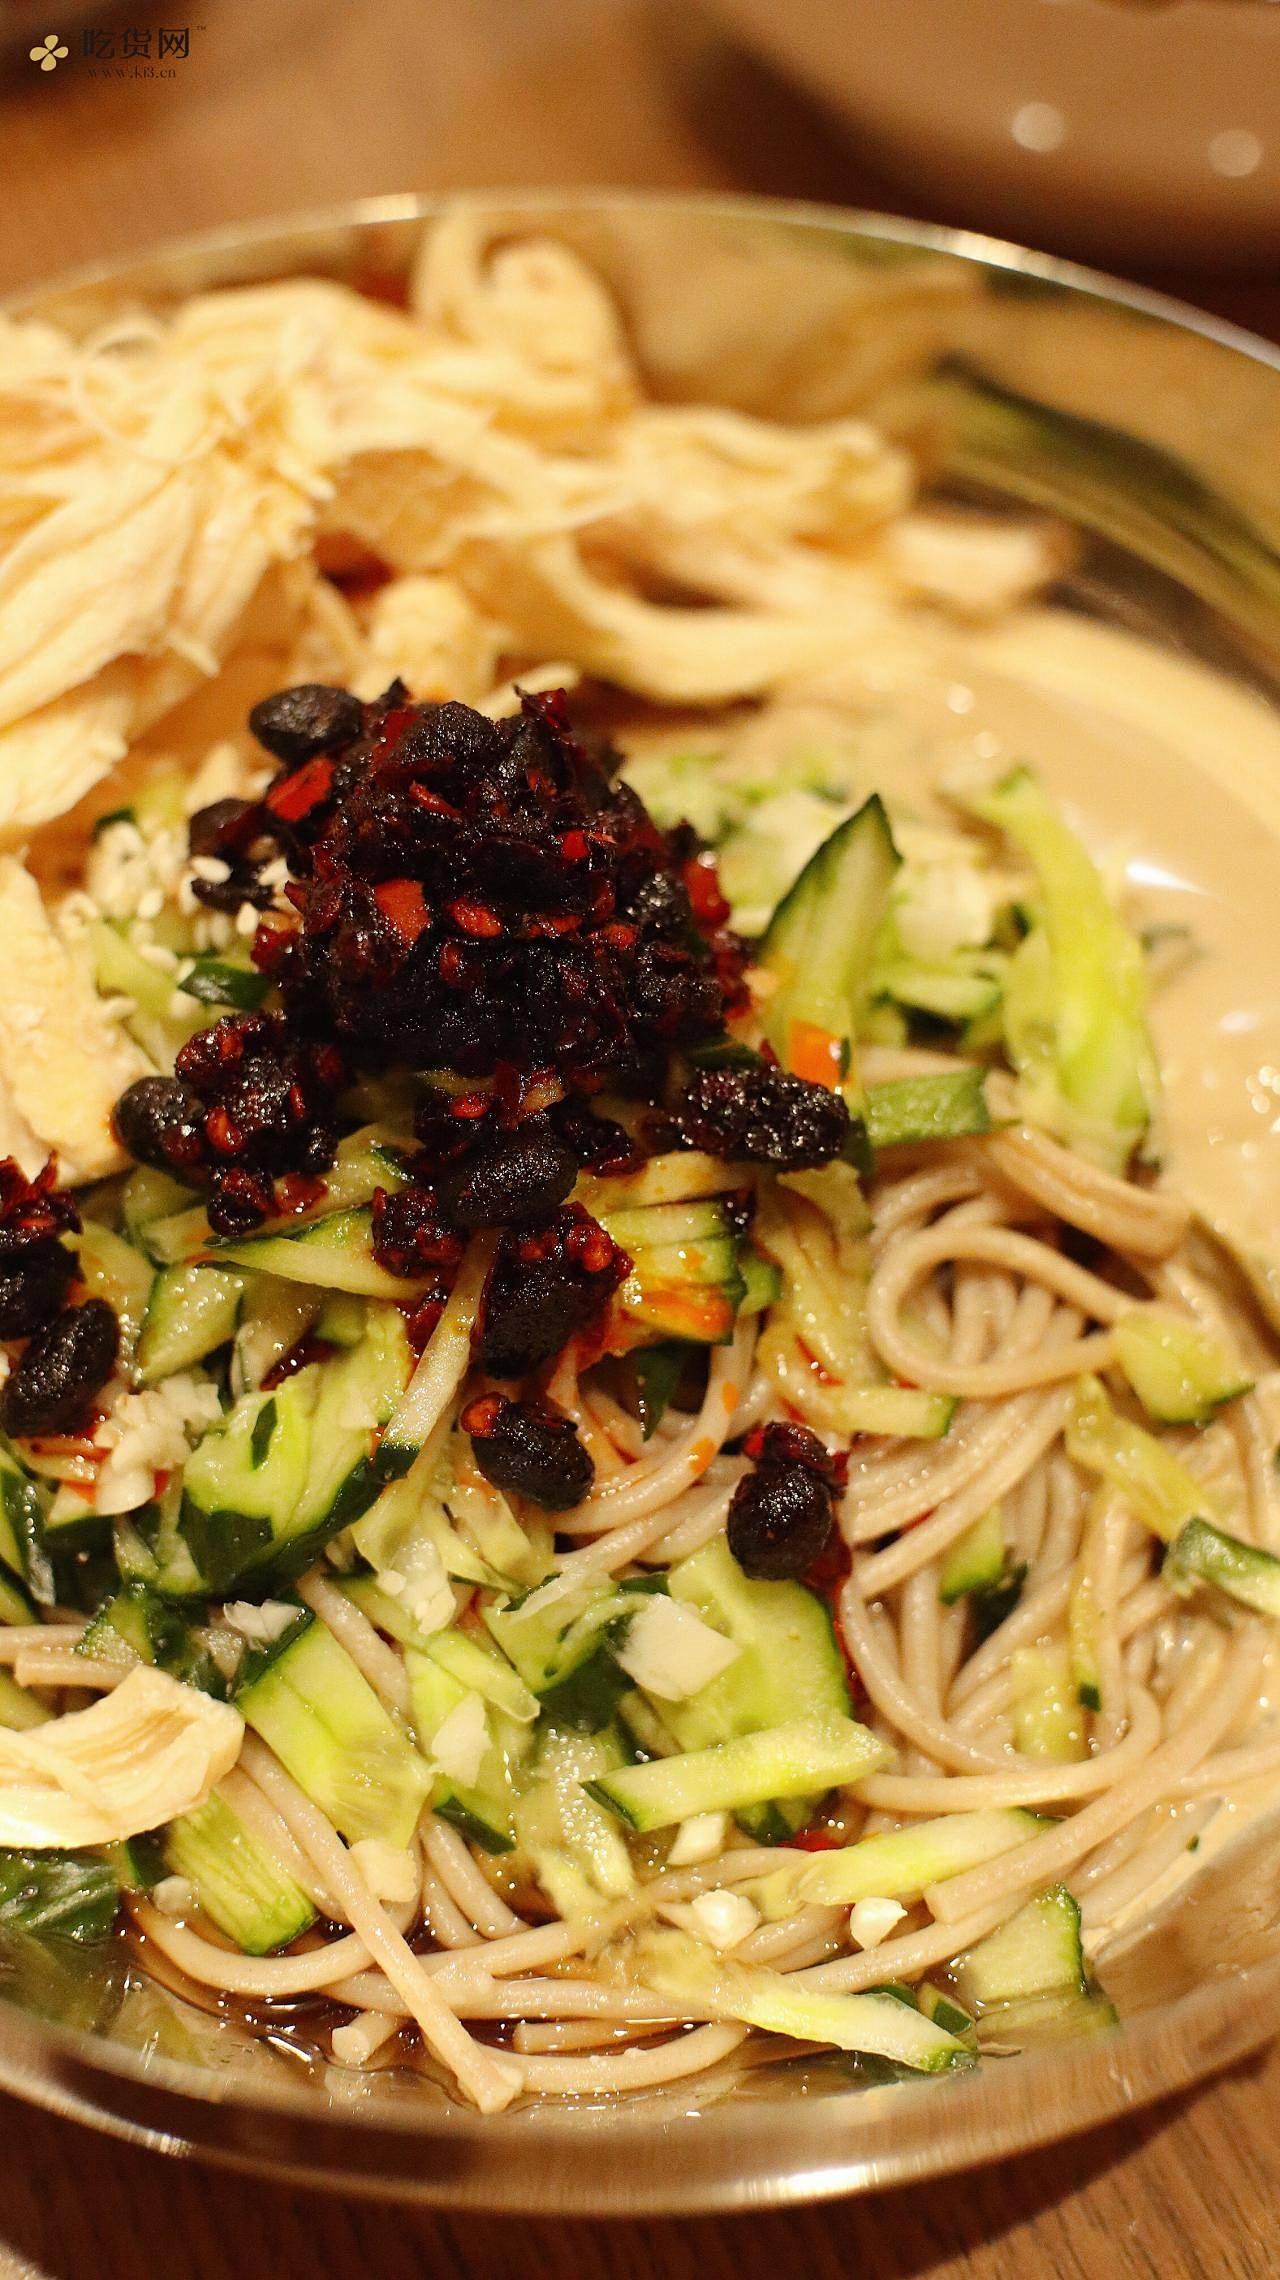 麻酱鸡丝荞麦凉面(好吃不胖)的做法 步骤6